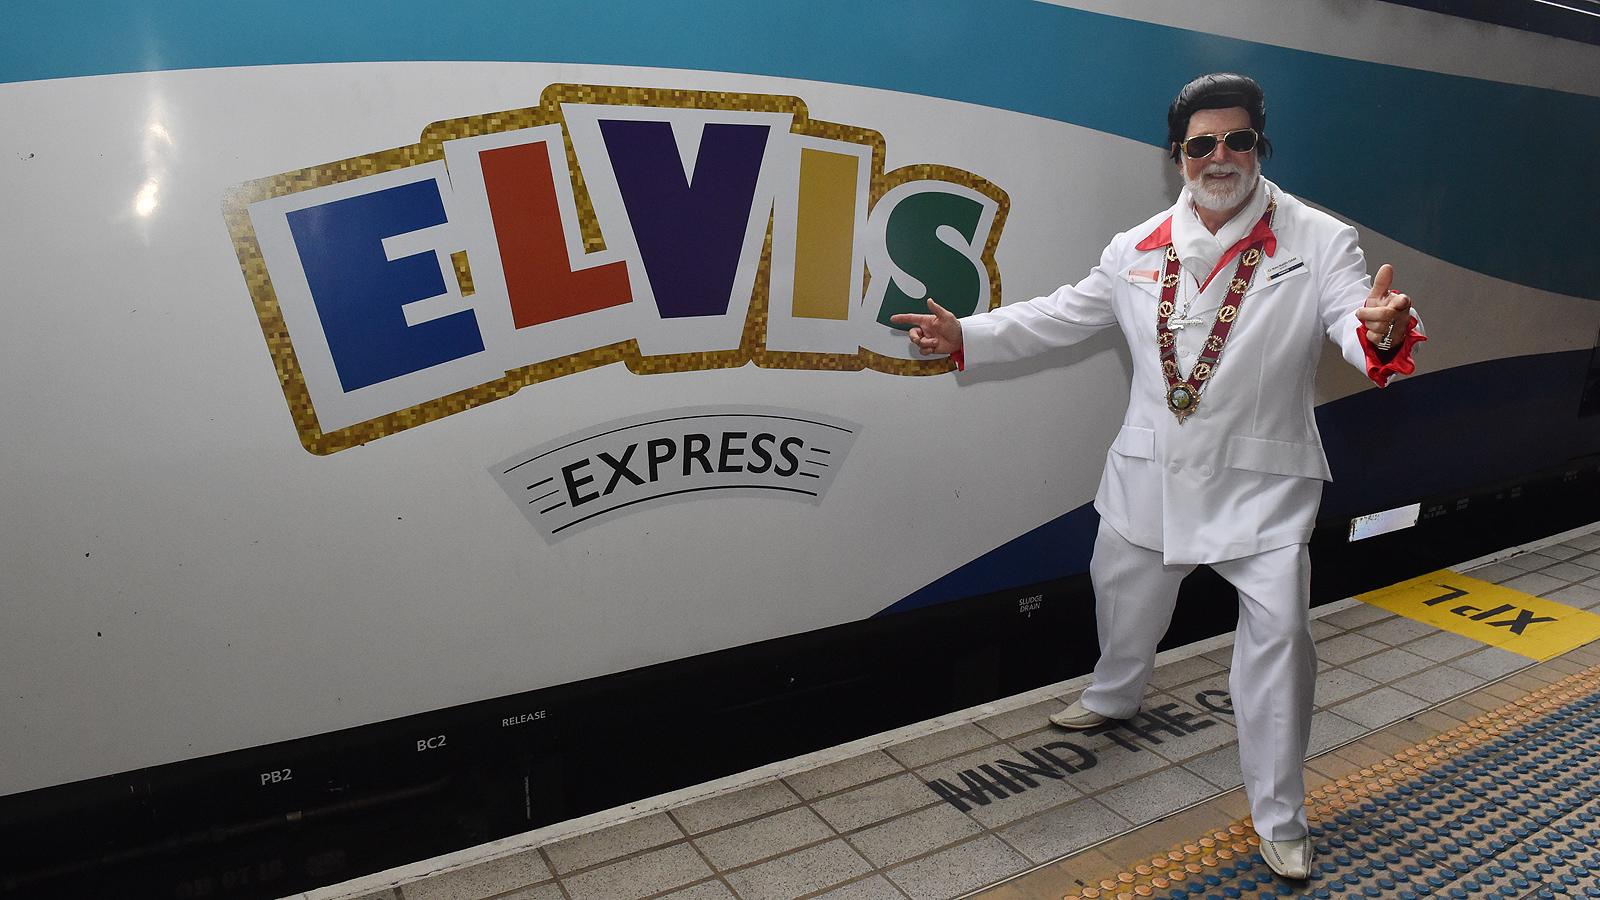 """Официалният му старт е, когато т.нар. влак """"Елвис Експрес"""" пристигне на гарата в Паркс от Сидни. На него пътуват стотици хора, облечени в стила на Краля. В Паркс те биват посрещнати от местни и туристи, а на гарата се пускат само песни на Елвис."""